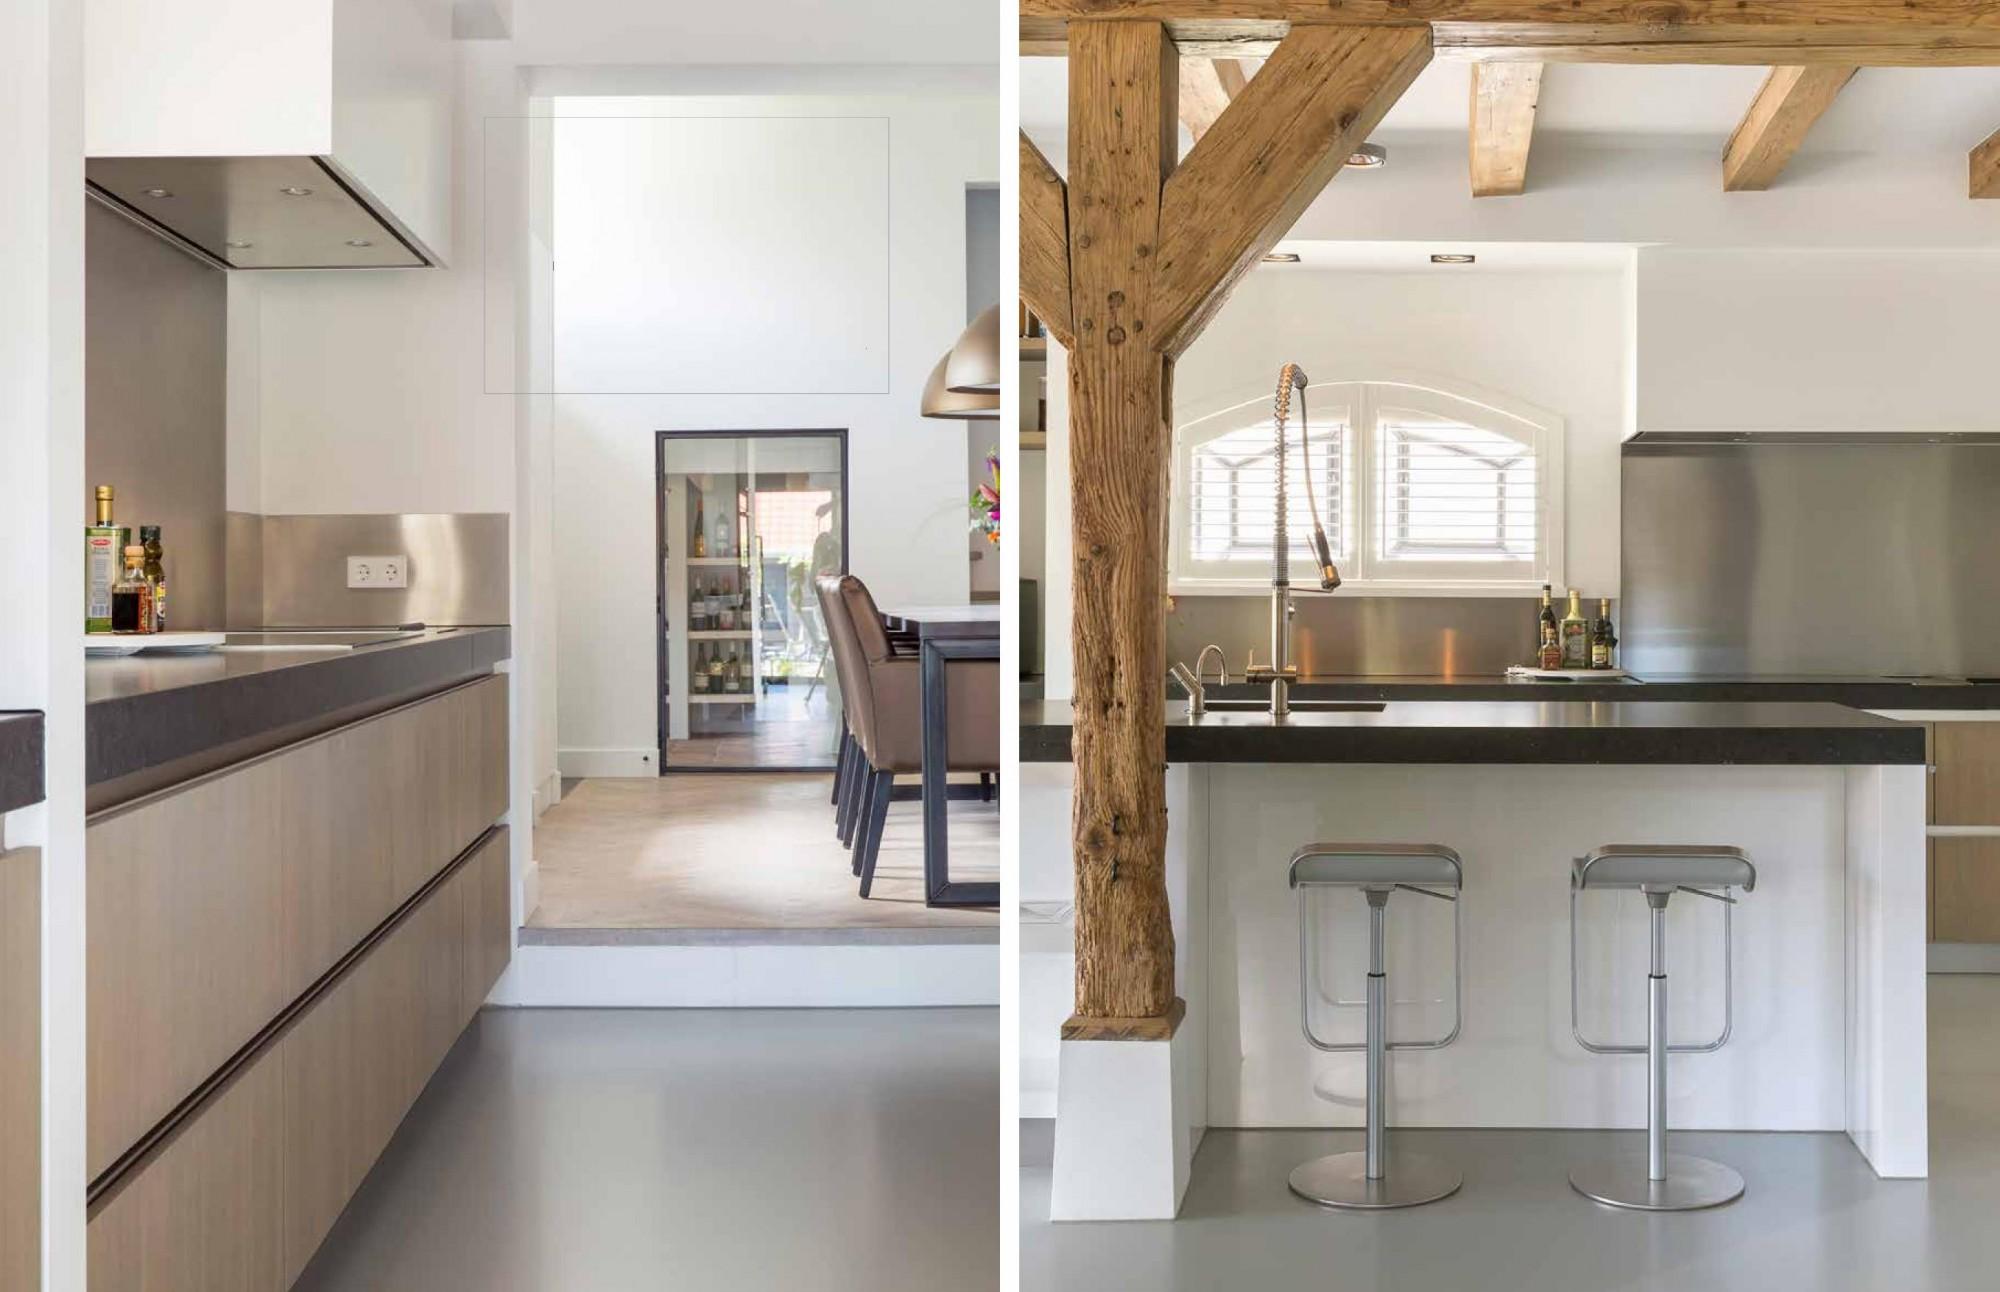 Keukens Apeldoorn 2017 : Keukens Apeldoorn? Keuken kopen bij Bruynzeel ...